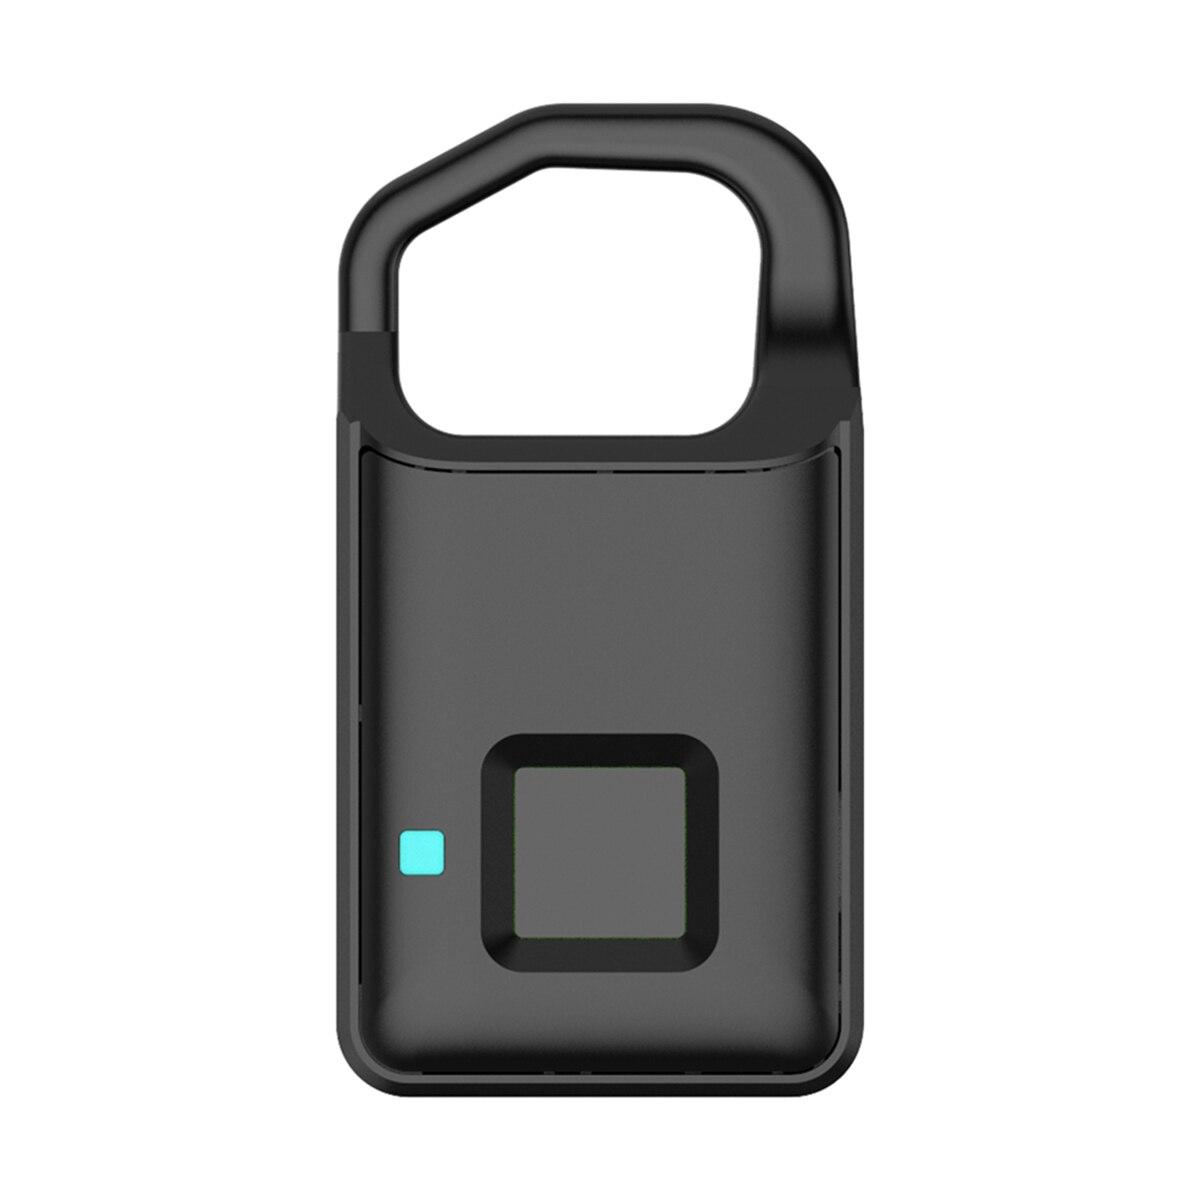 P4 Smart Fingerprint Door Lock Padlock Safe USB Charging Waterproof Anti Theft Lock 6 Months StandbyP4 Smart Fingerprint Door Lock Padlock Safe USB Charging Waterproof Anti Theft Lock 6 Months Standby